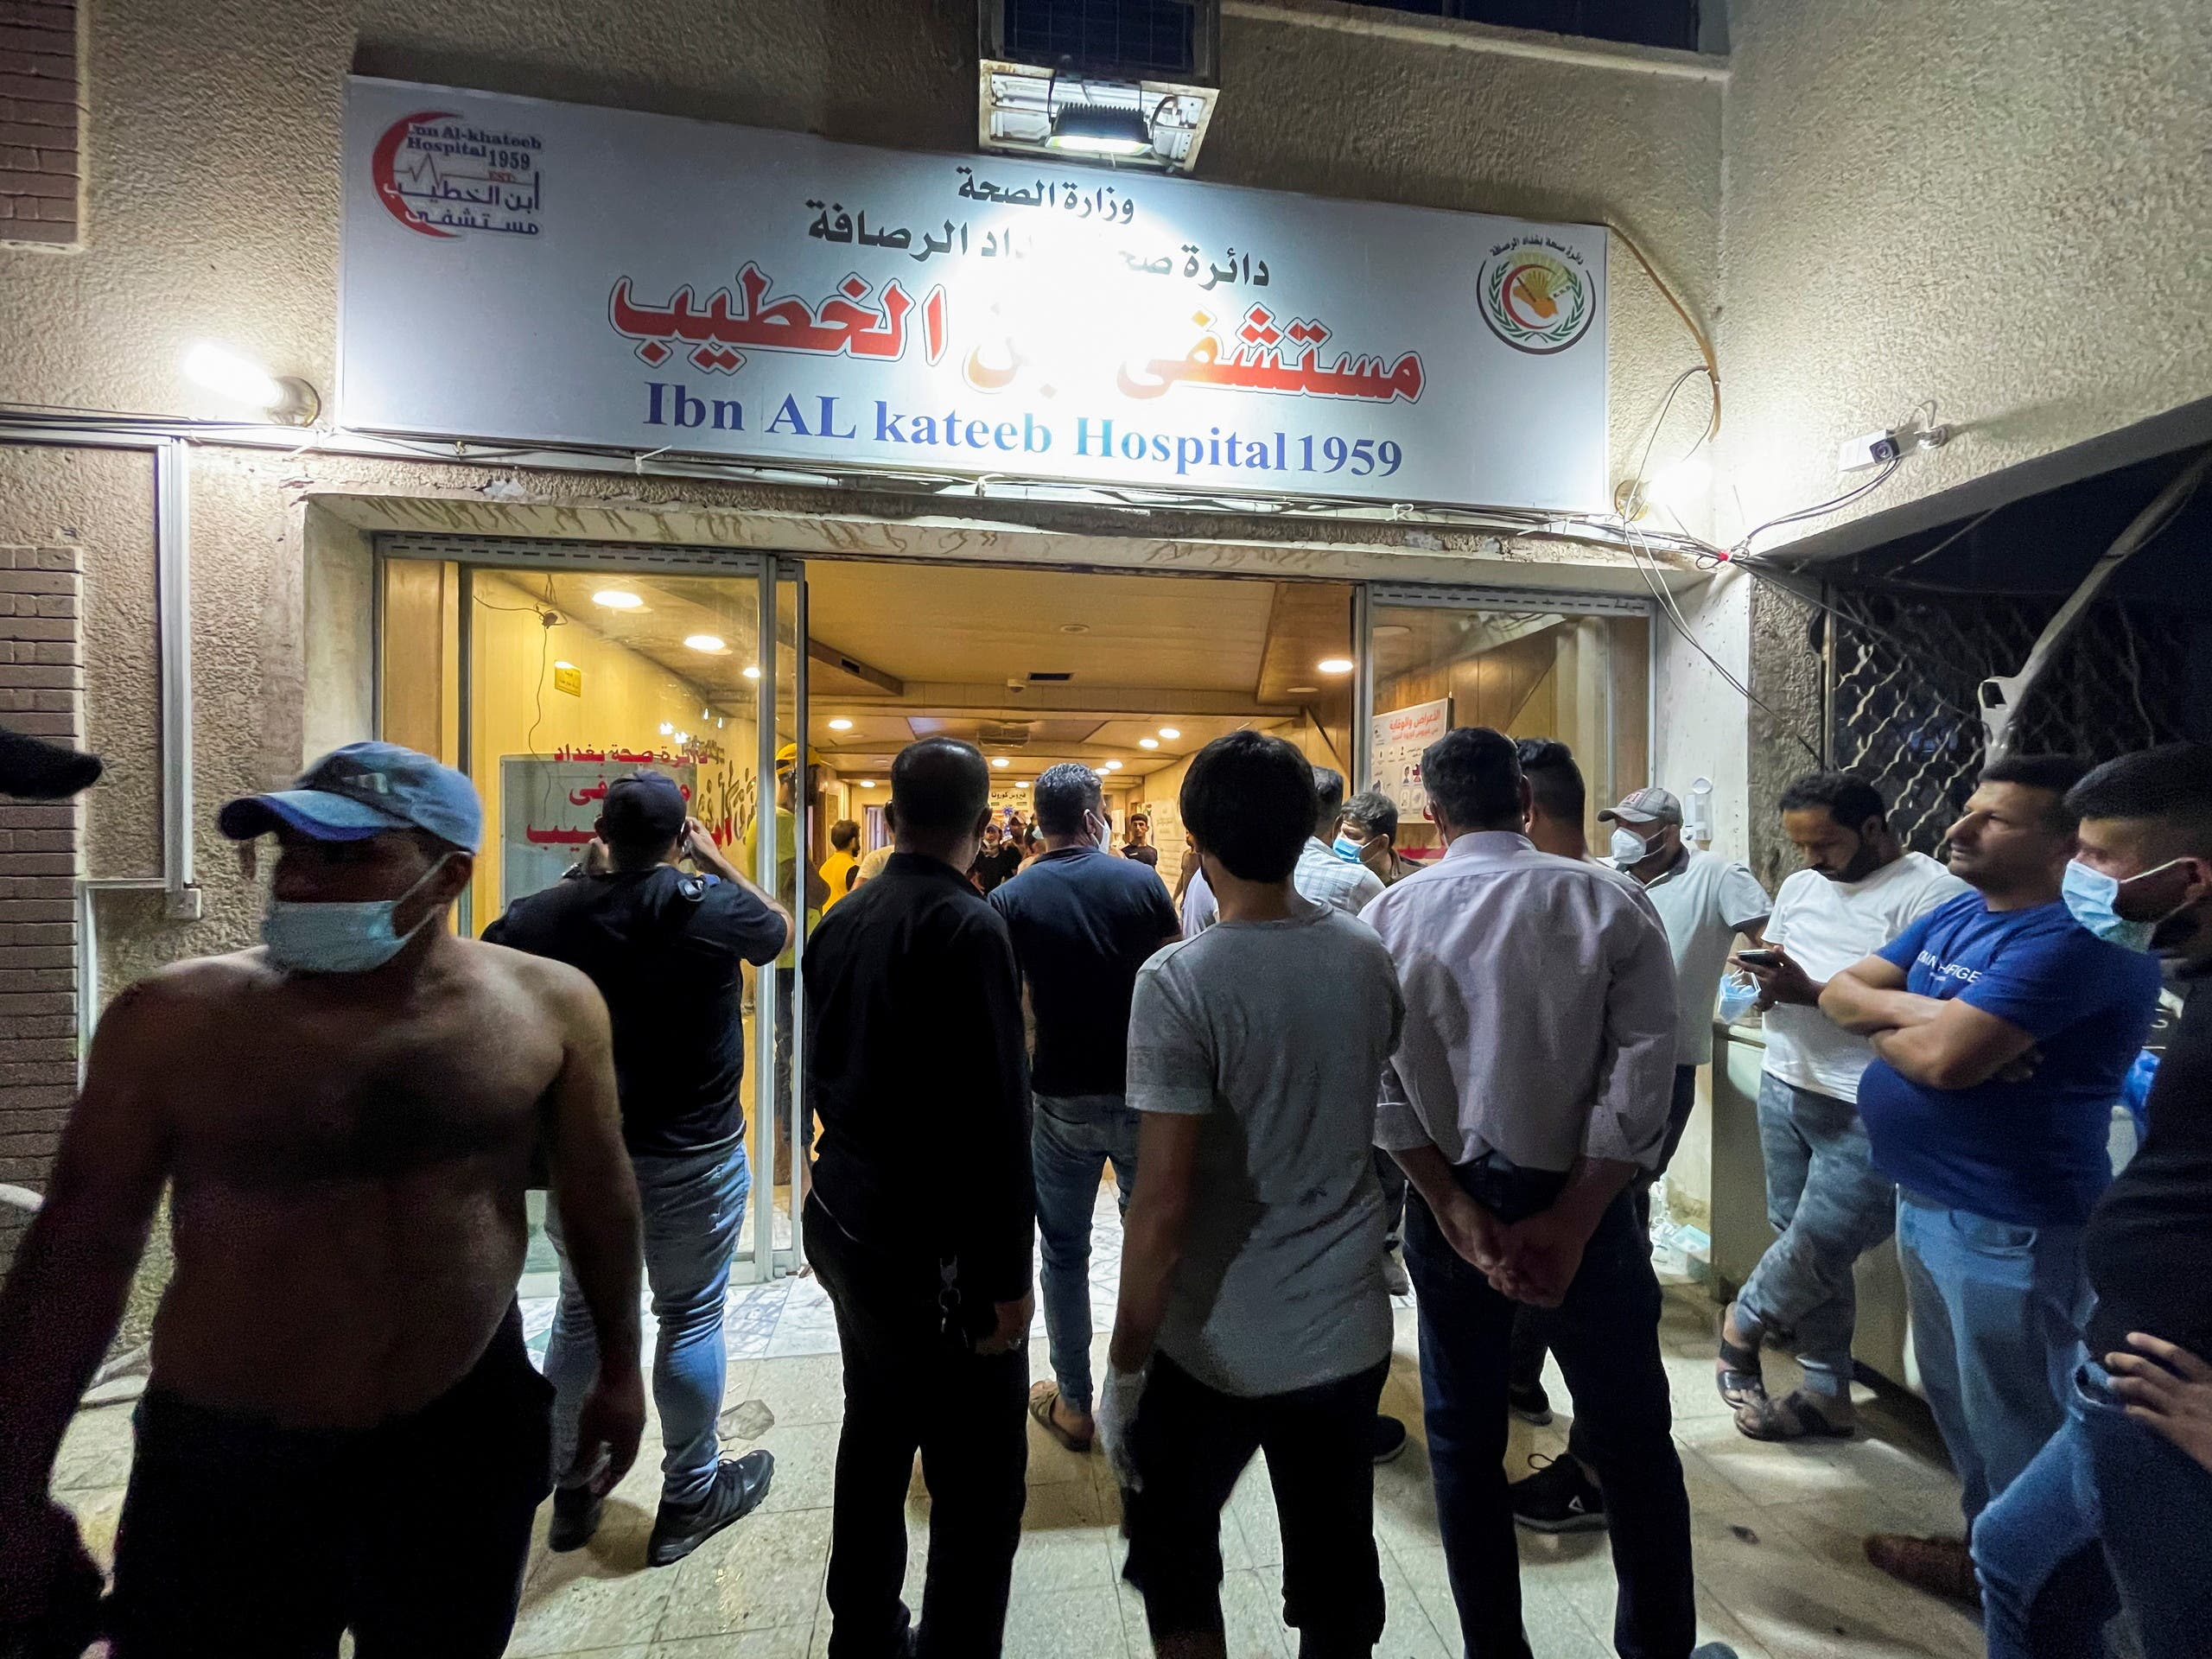 فاجعة مستشفى ابن الخطيب تخيم على بغداد (أرشيفية- رويترز)